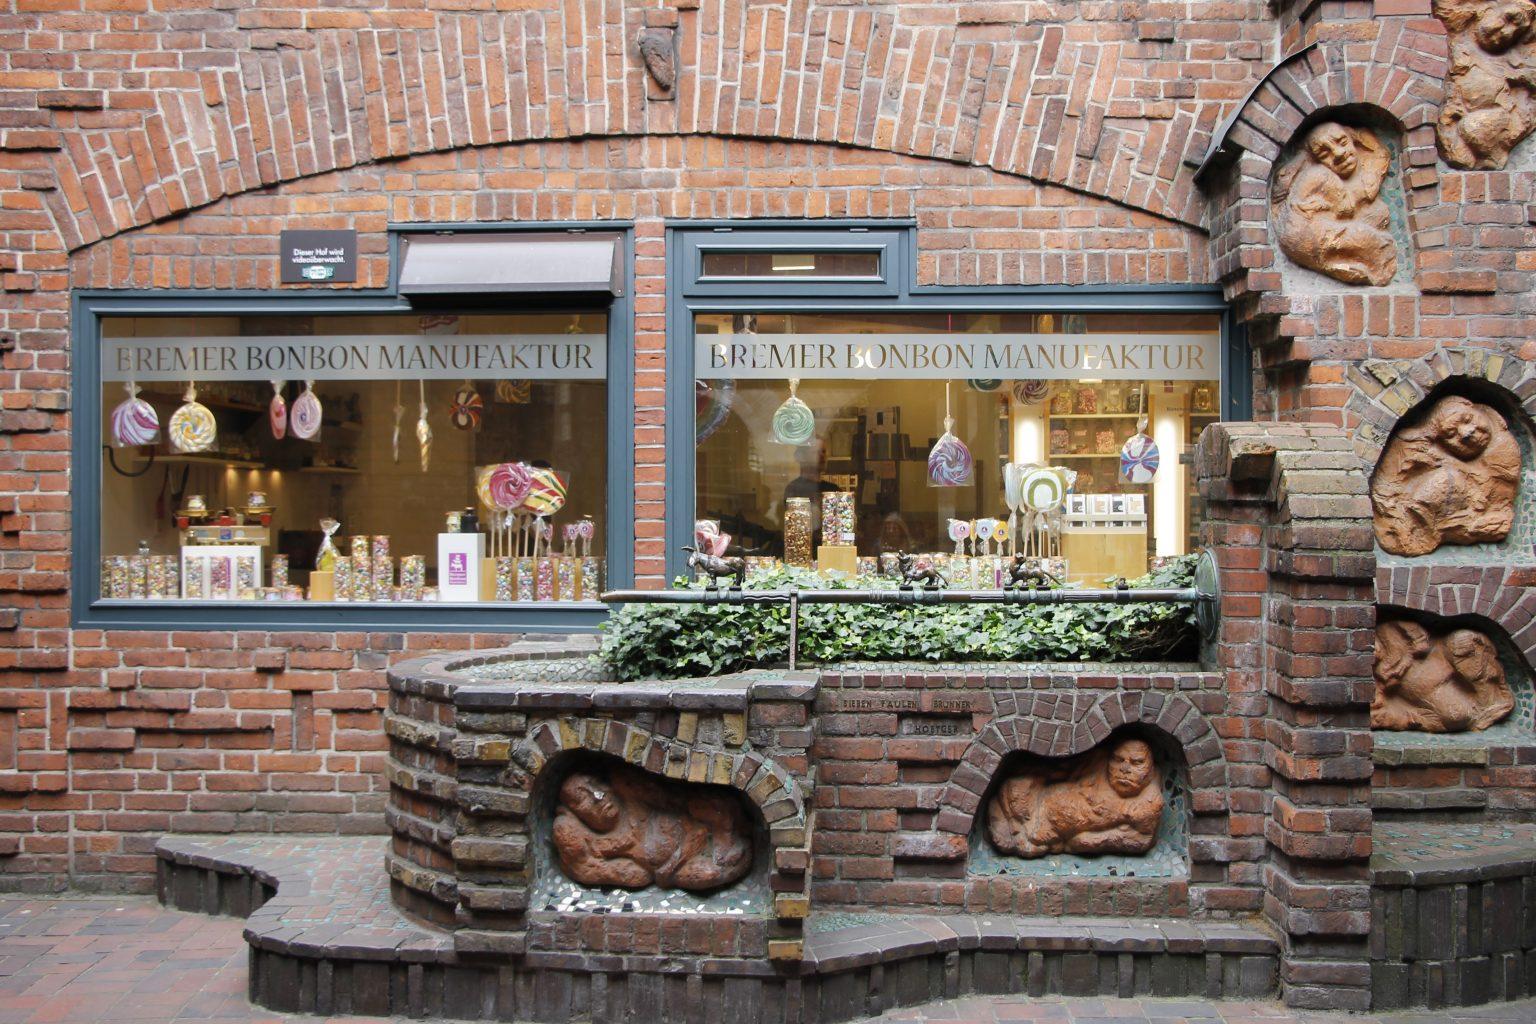 übernachten In Bremen : prizeotel bremen city zentral und preiswert bernachten in bremen lavendelblog ~ A.2002-acura-tl-radio.info Haus und Dekorationen